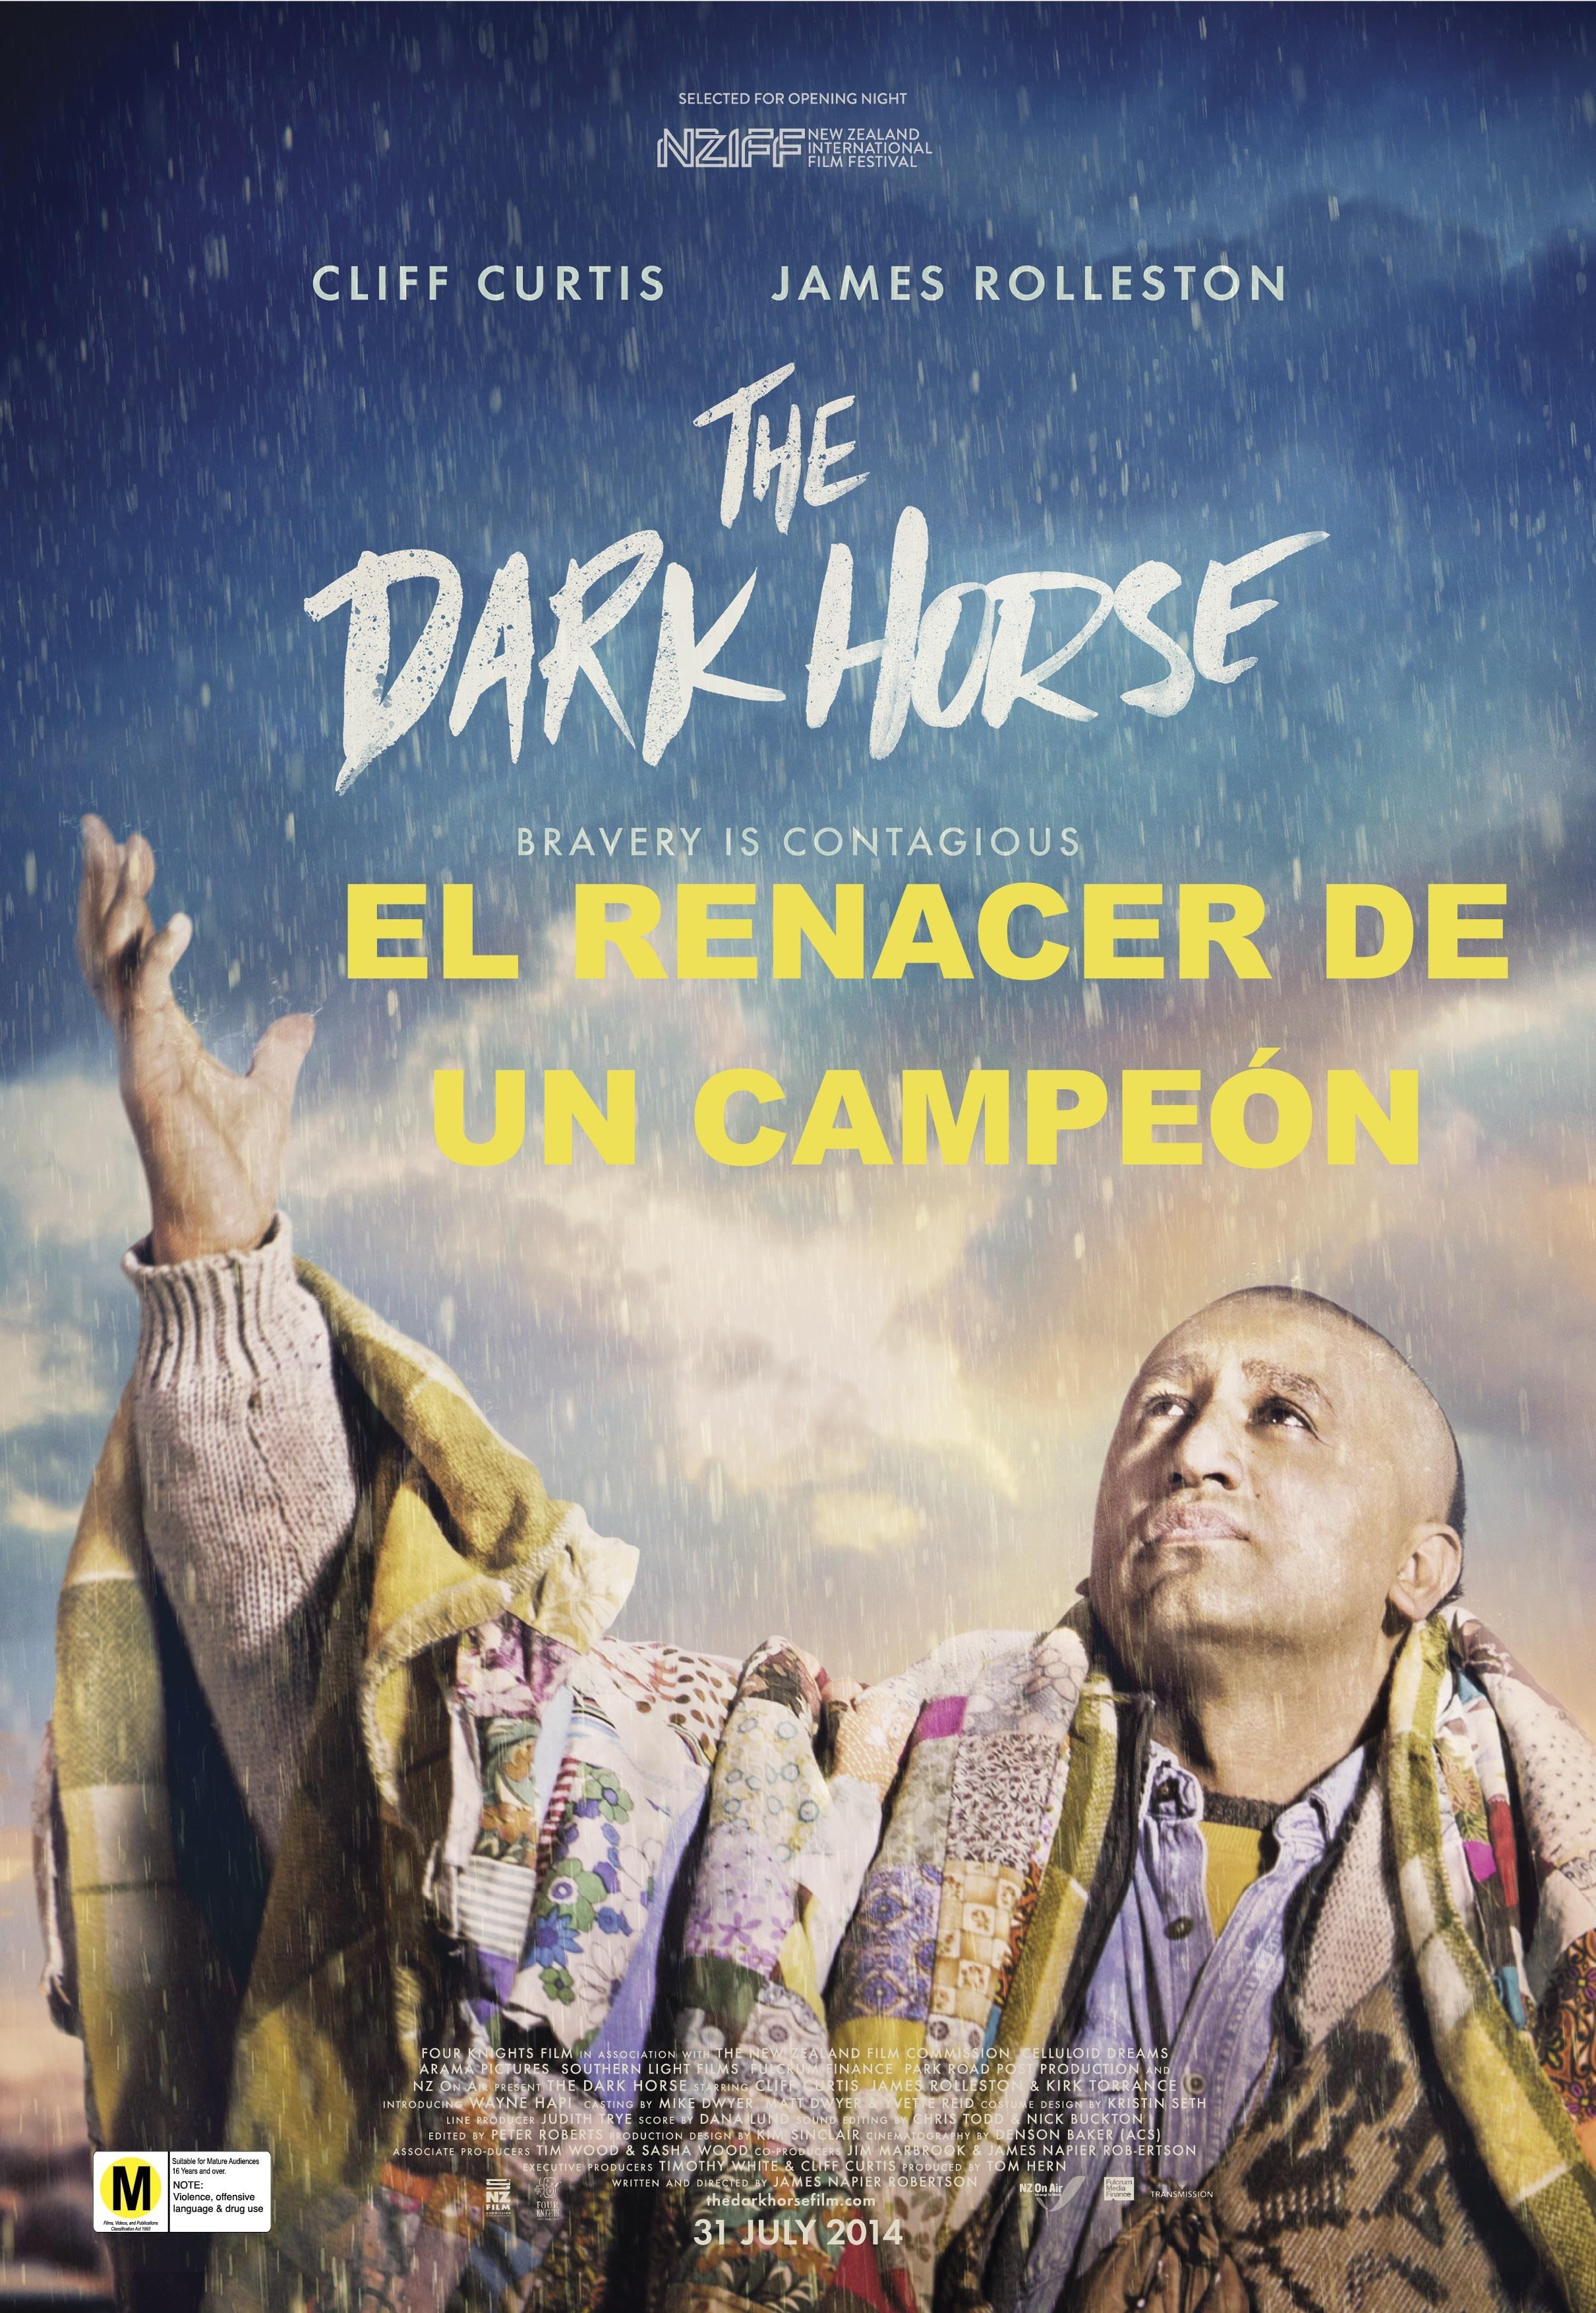 El-Renacer-de-un-Campeón-Poster-Empeliculados.co_